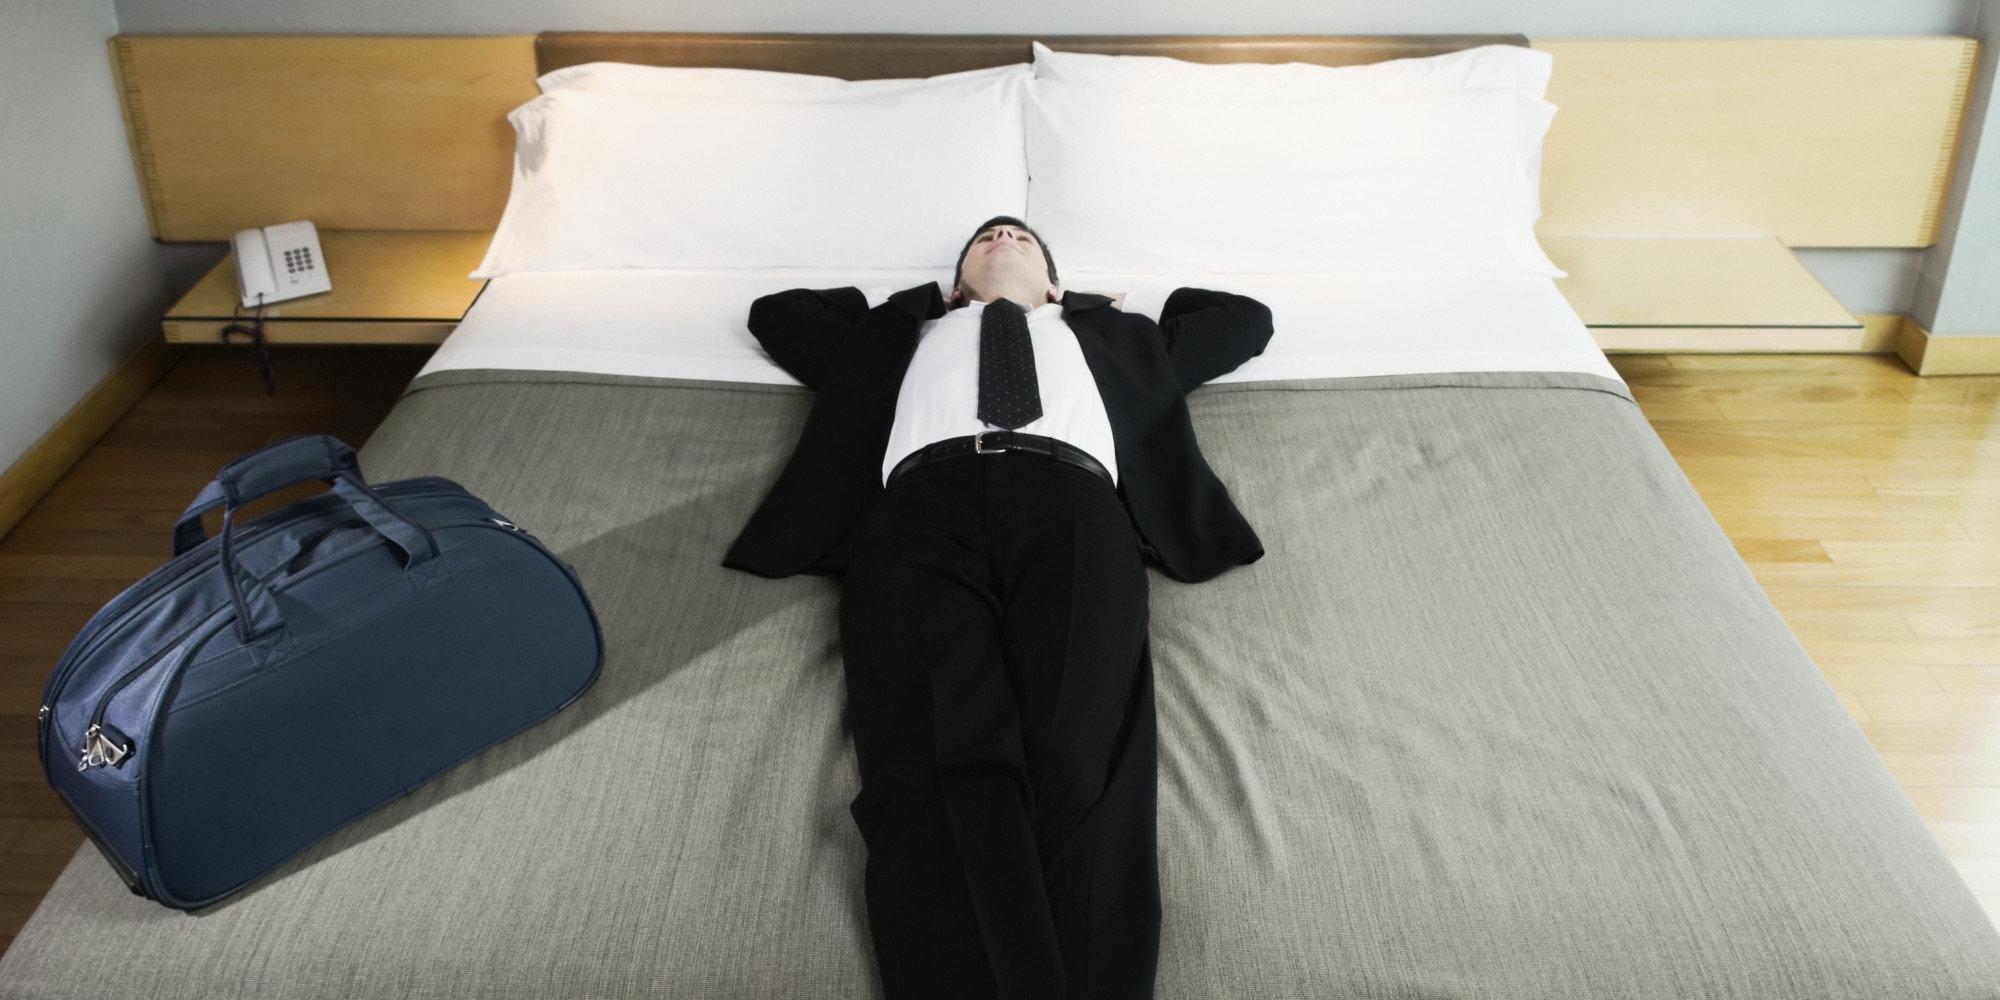 Почему надо хорошо вести себя в отеле?